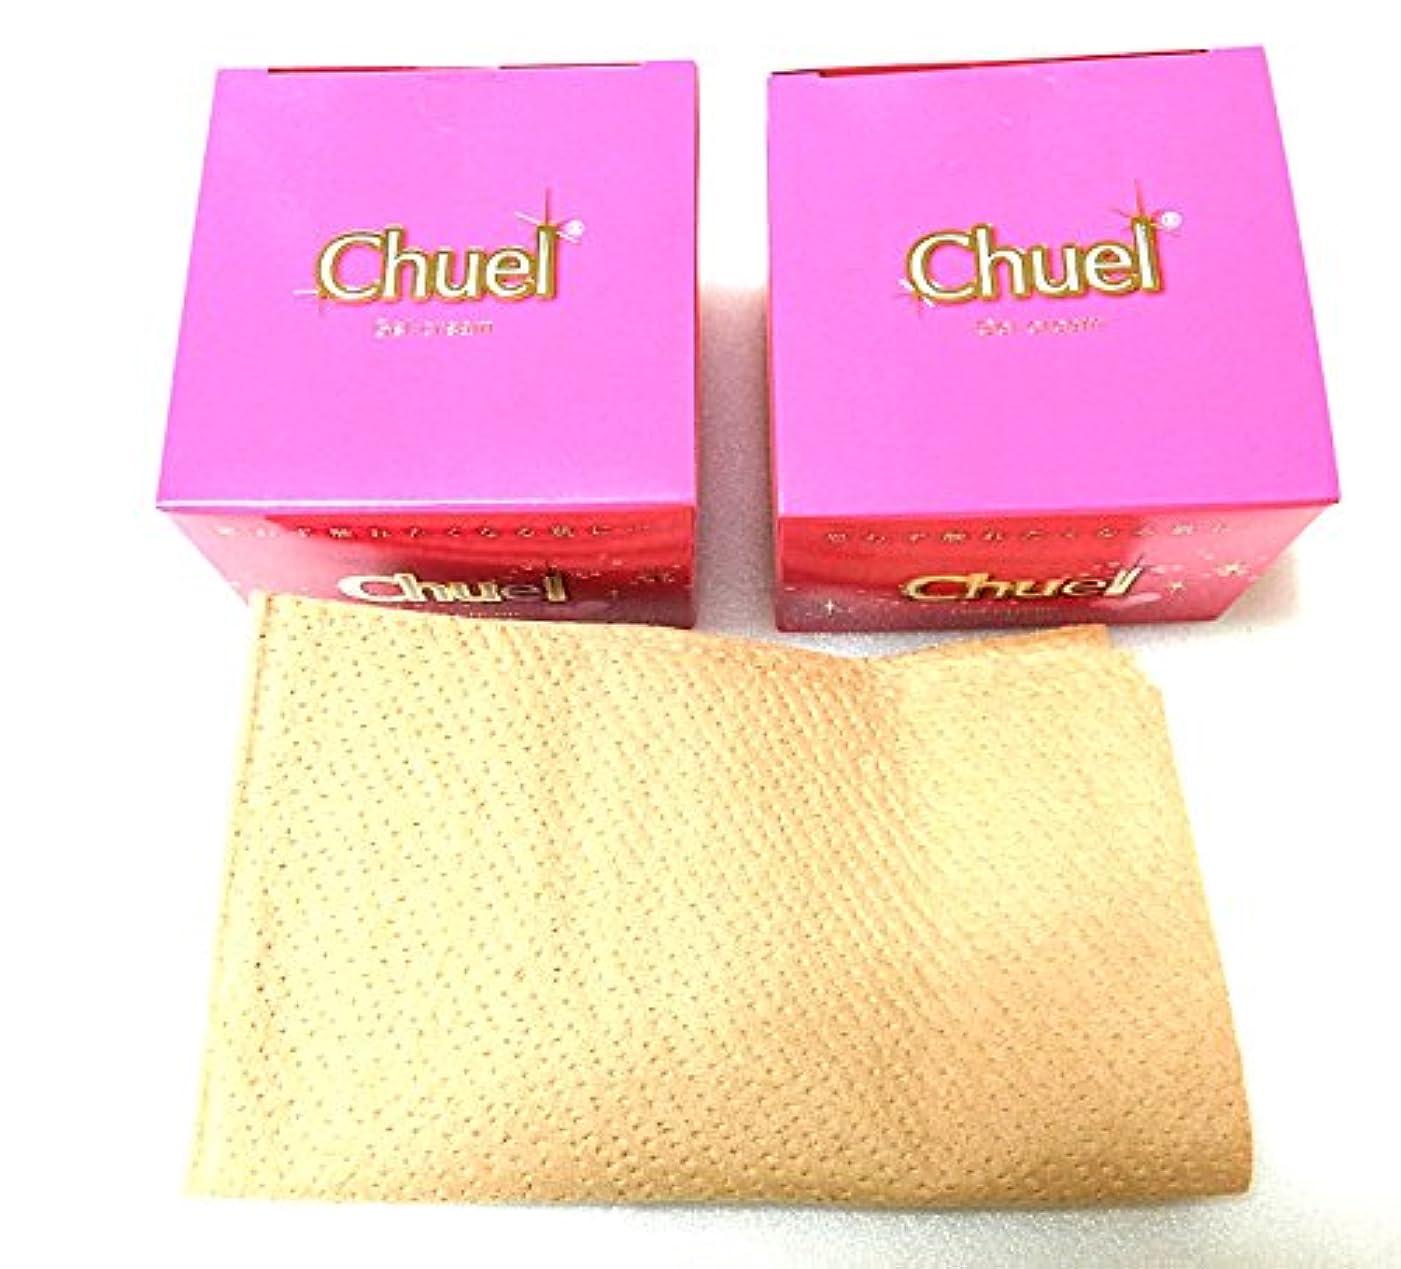 誘惑所持と闘うNEW Chuel(チュエル) 増量 180g 2個セット 使い捨て紙ウエス1枚付属